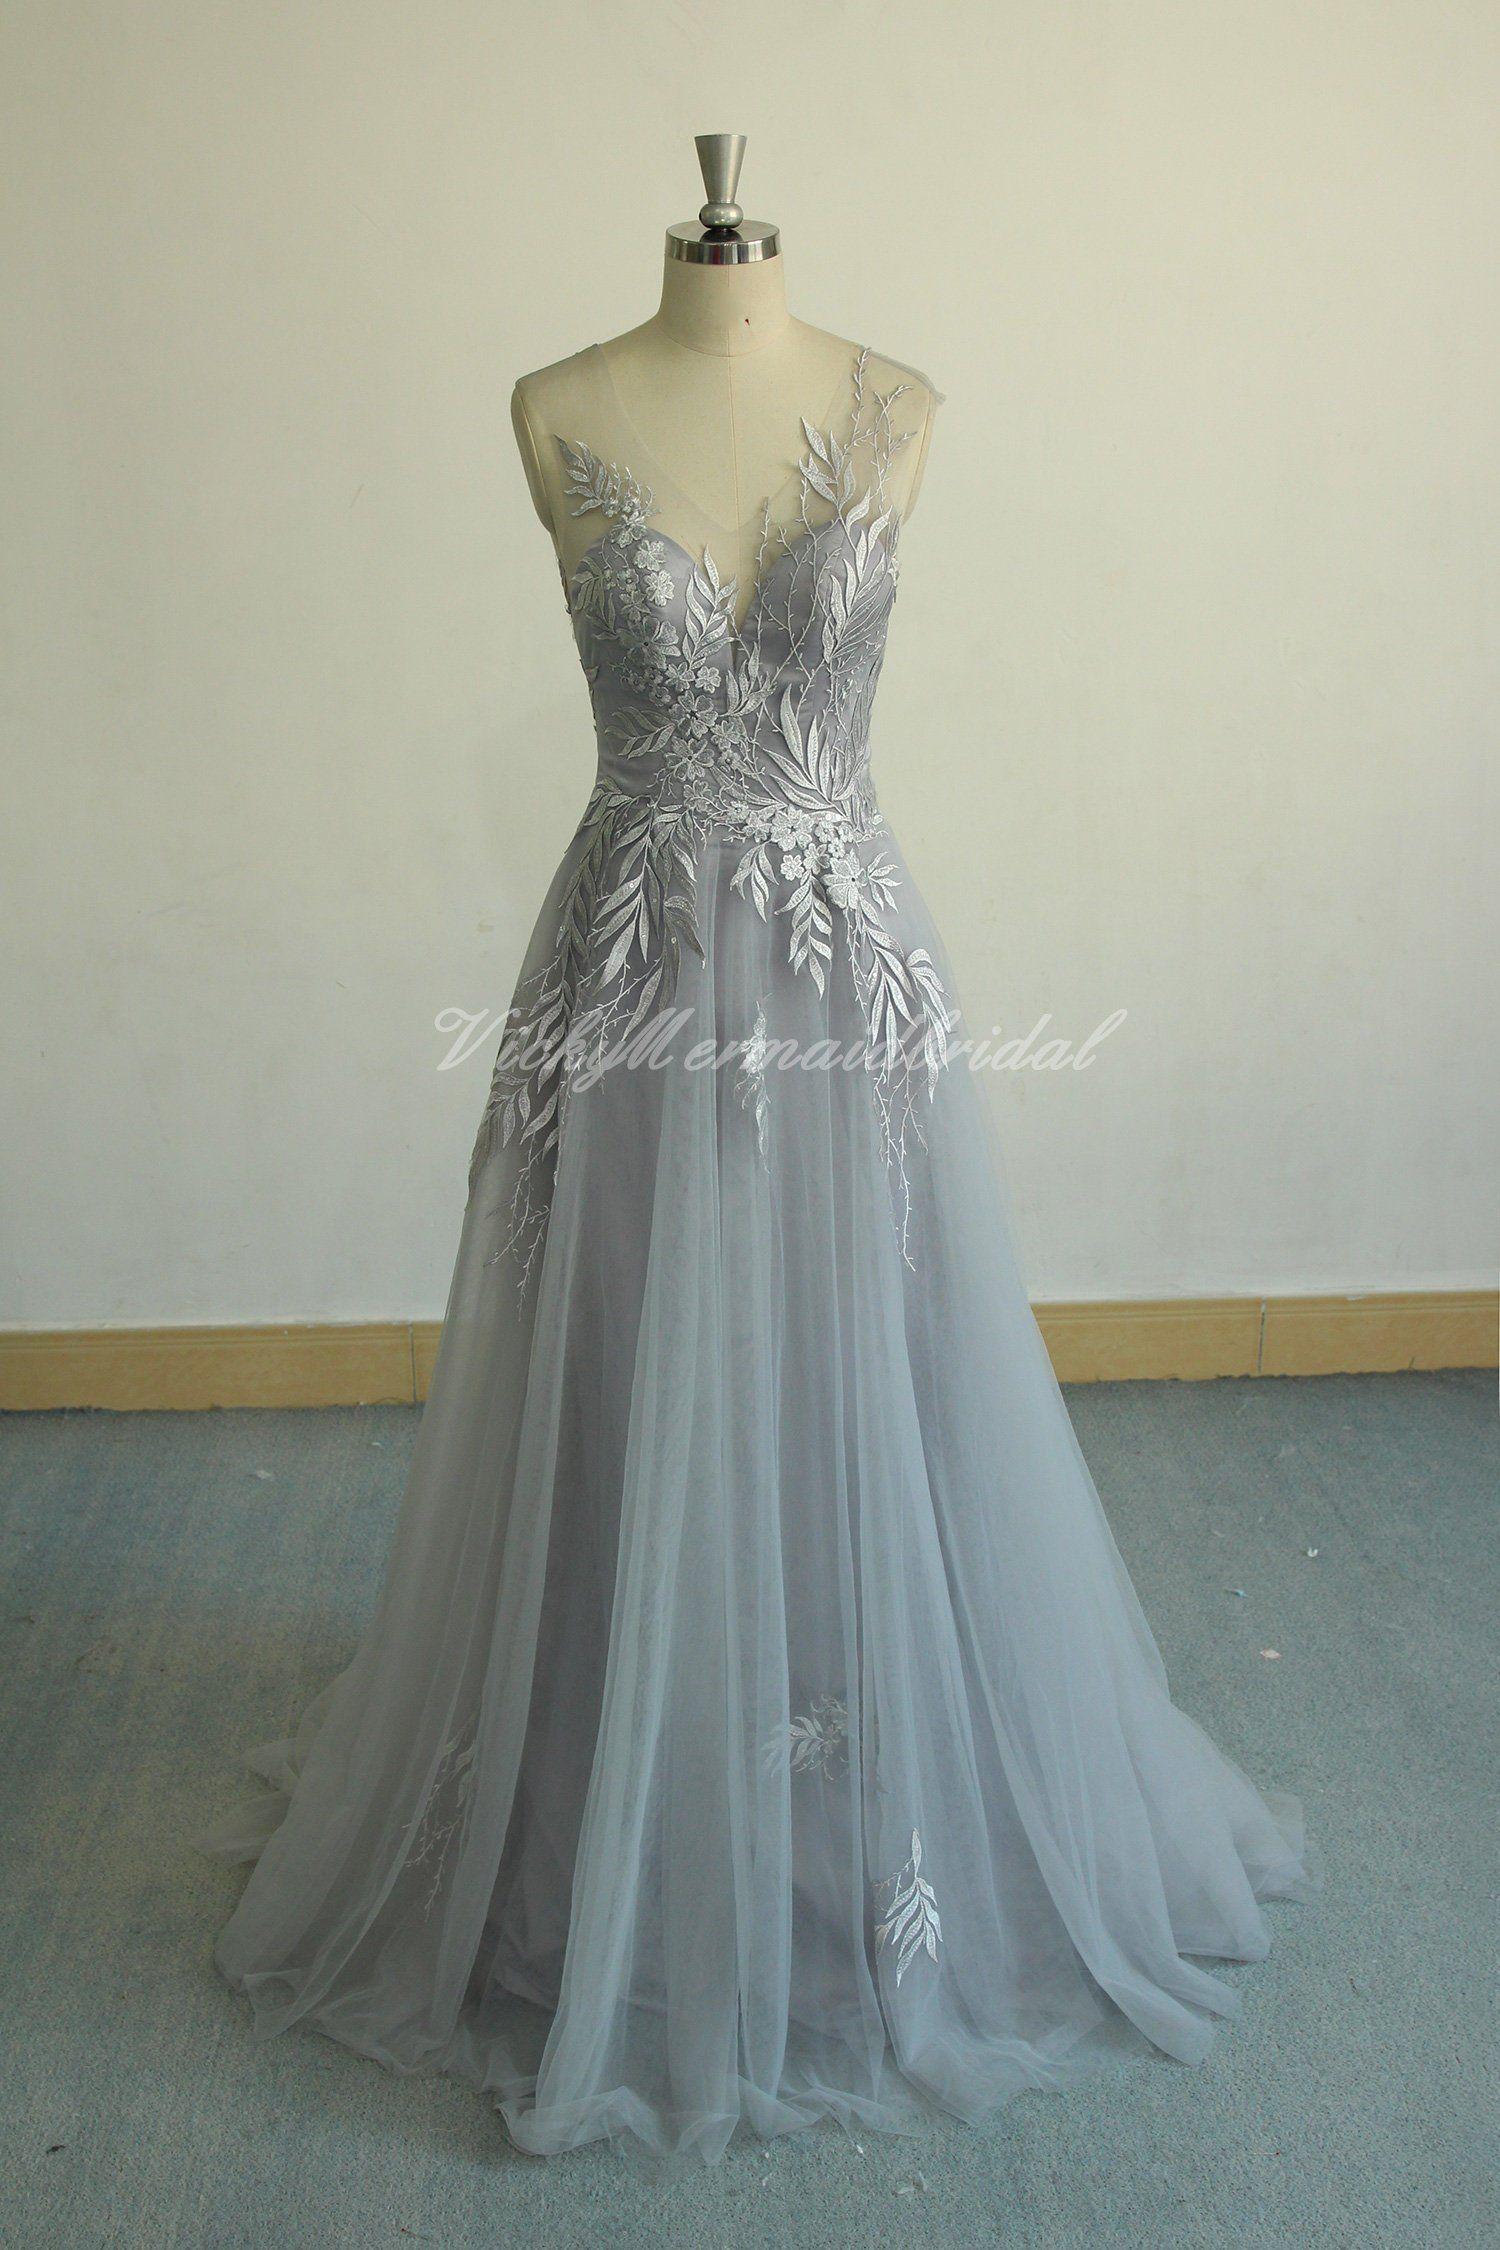 Unique Aline Tulle Lace Wedding Dress Dusty Blue Bridal Gown Etsy Lace Wedding Dress Vintage Grey Evening Dresses Grey Wedding Dress [ 2250 x 1500 Pixel ]